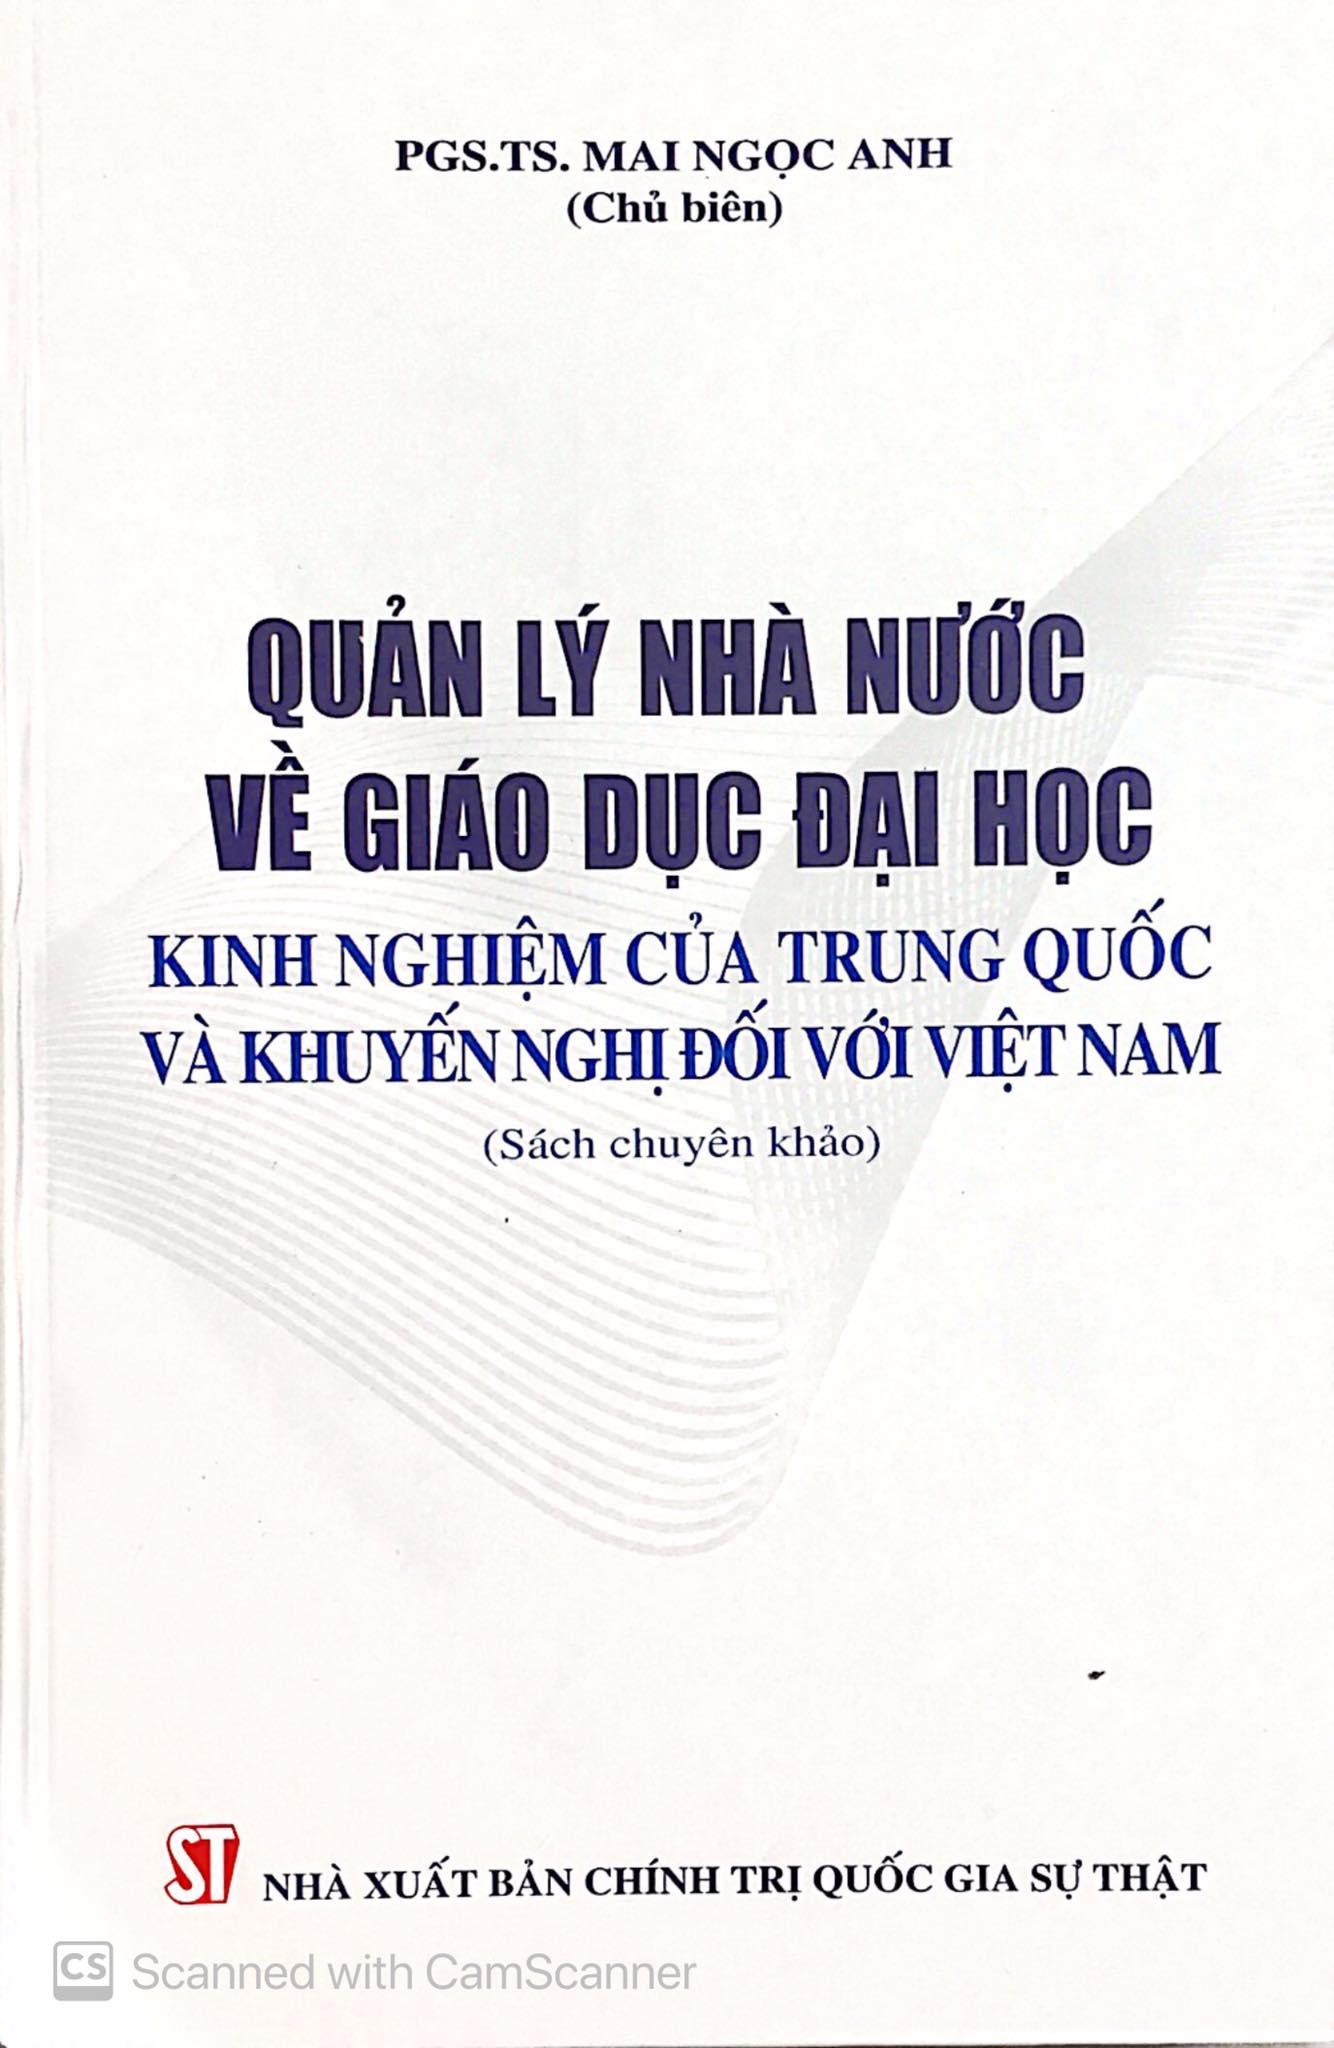 Quản lý Nhà nước về giáo dục đại học: Kinh nghiệm của Trung Quốc và khuyến nghị đối với Việt Nam (Sách chuyên khảo)